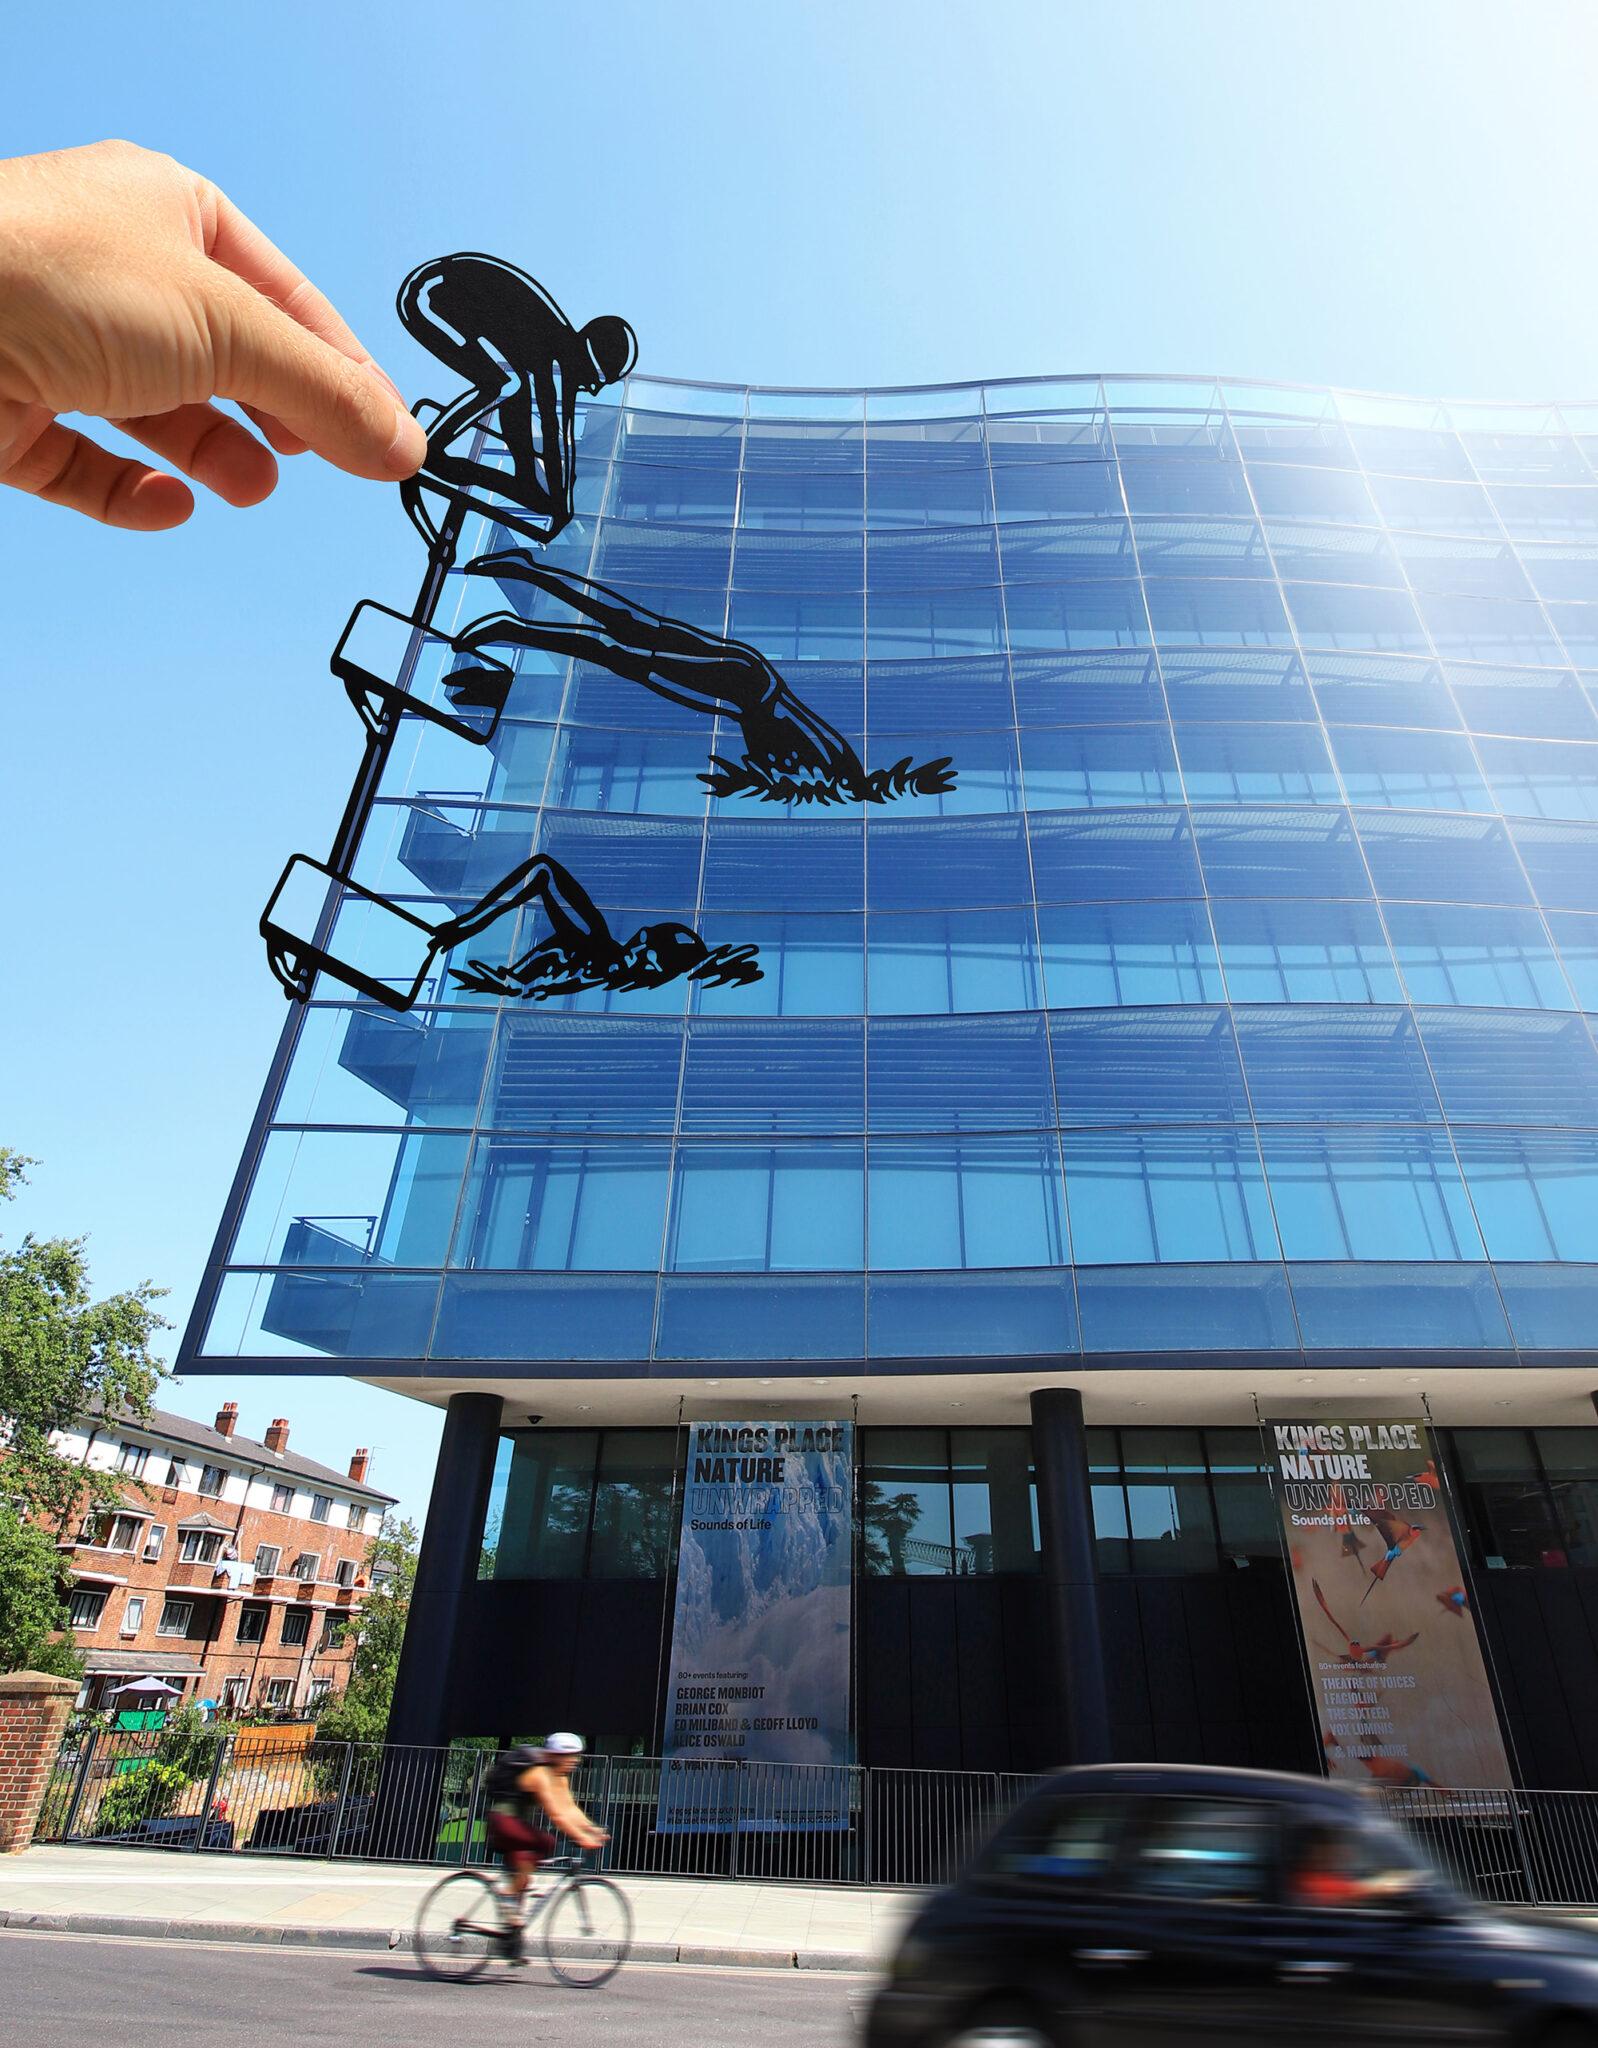 Paperboyo artista cria cenas divertidas com recortes de papel em arquitetura 4